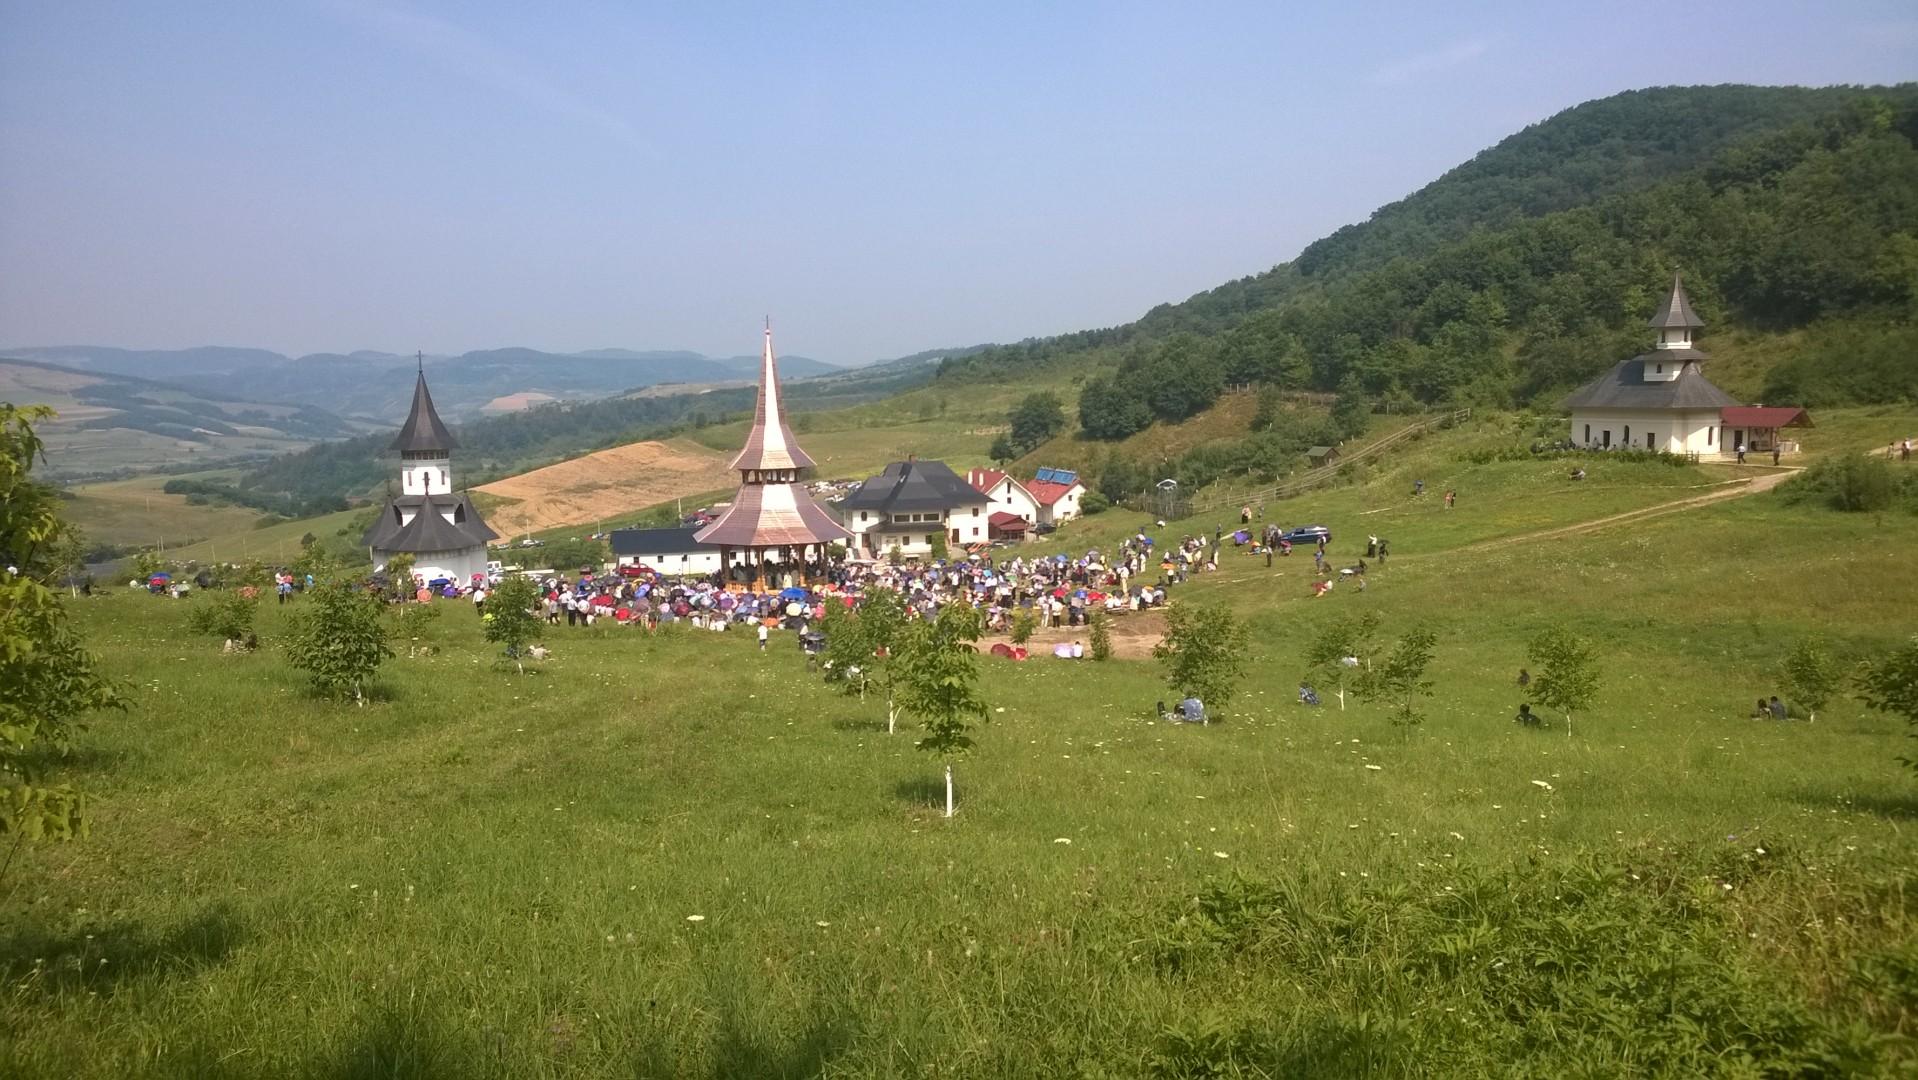 20 iulie 2021  20 IULIE 2021(marți), Pelerinaj la MĂNĂSTIREA SFÂNTUL PROOROC ILIE de la NUȘENI cu ocazia hramului